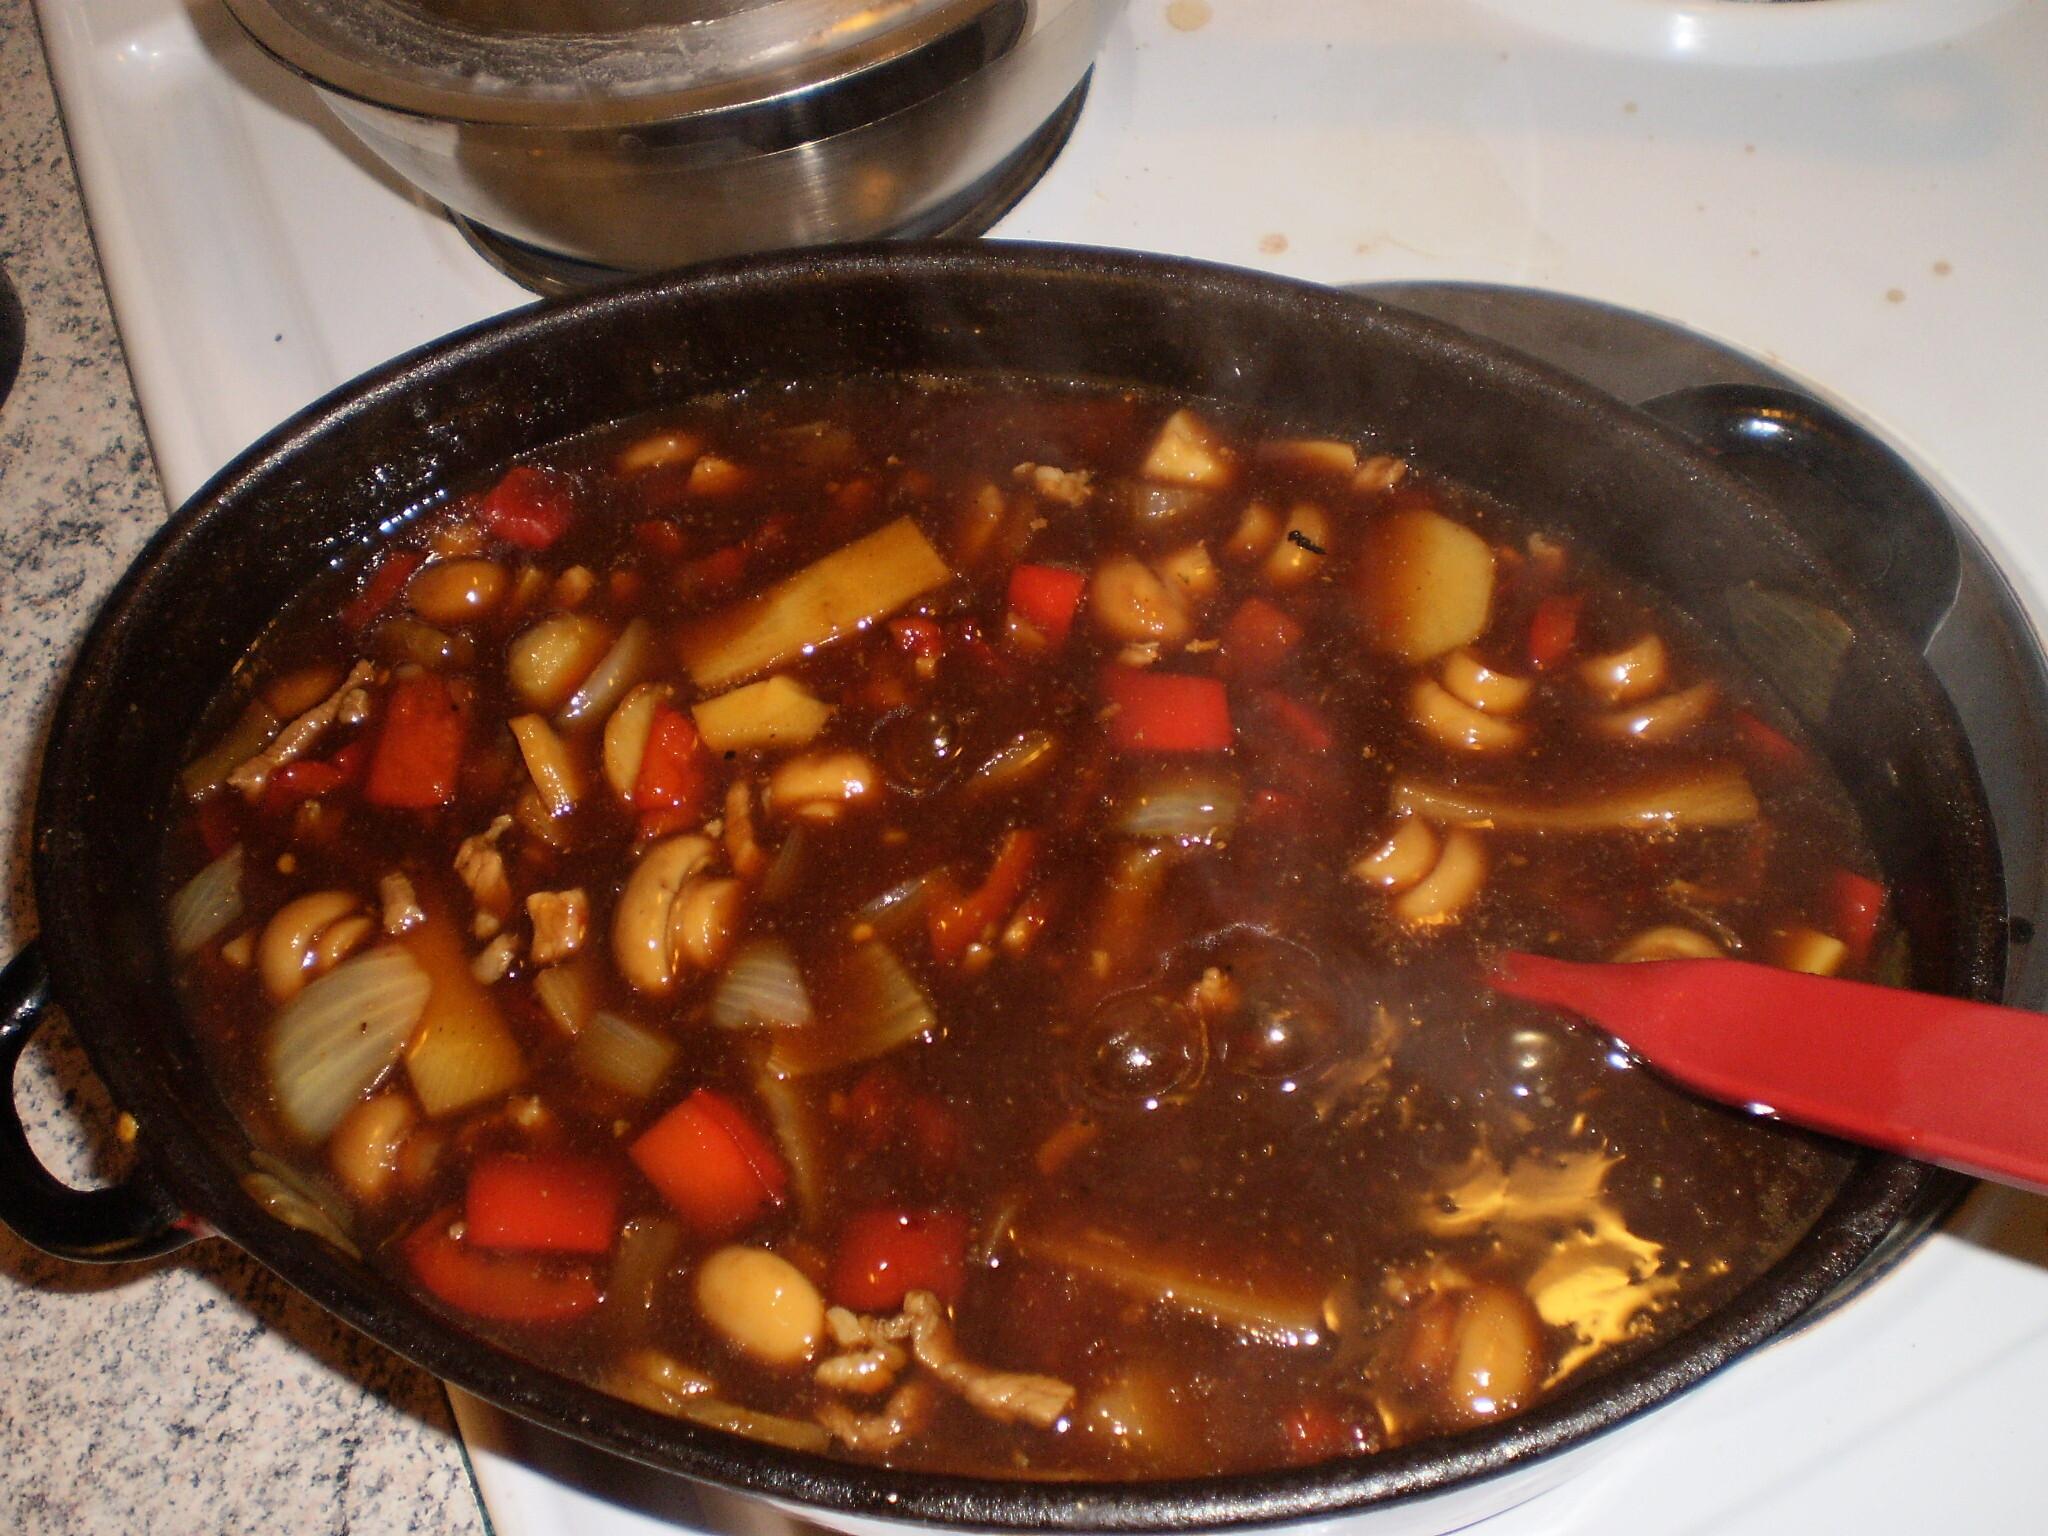 schnitzel gryta